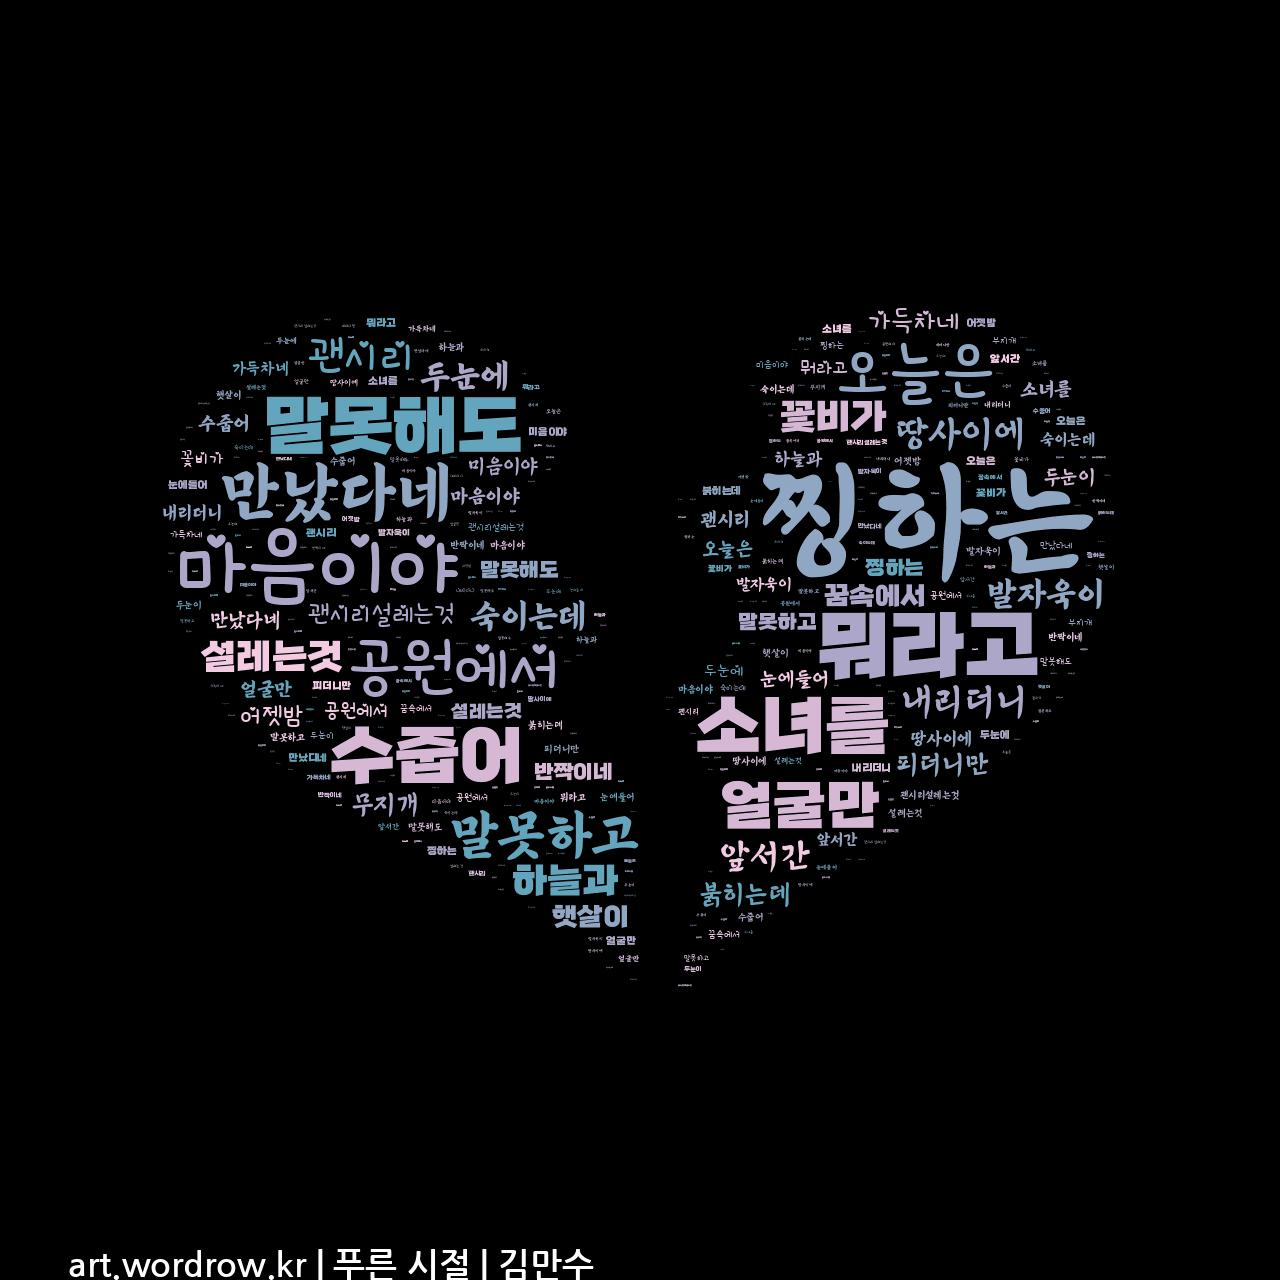 워드 클라우드: 푸른 시절 [김만수]-48